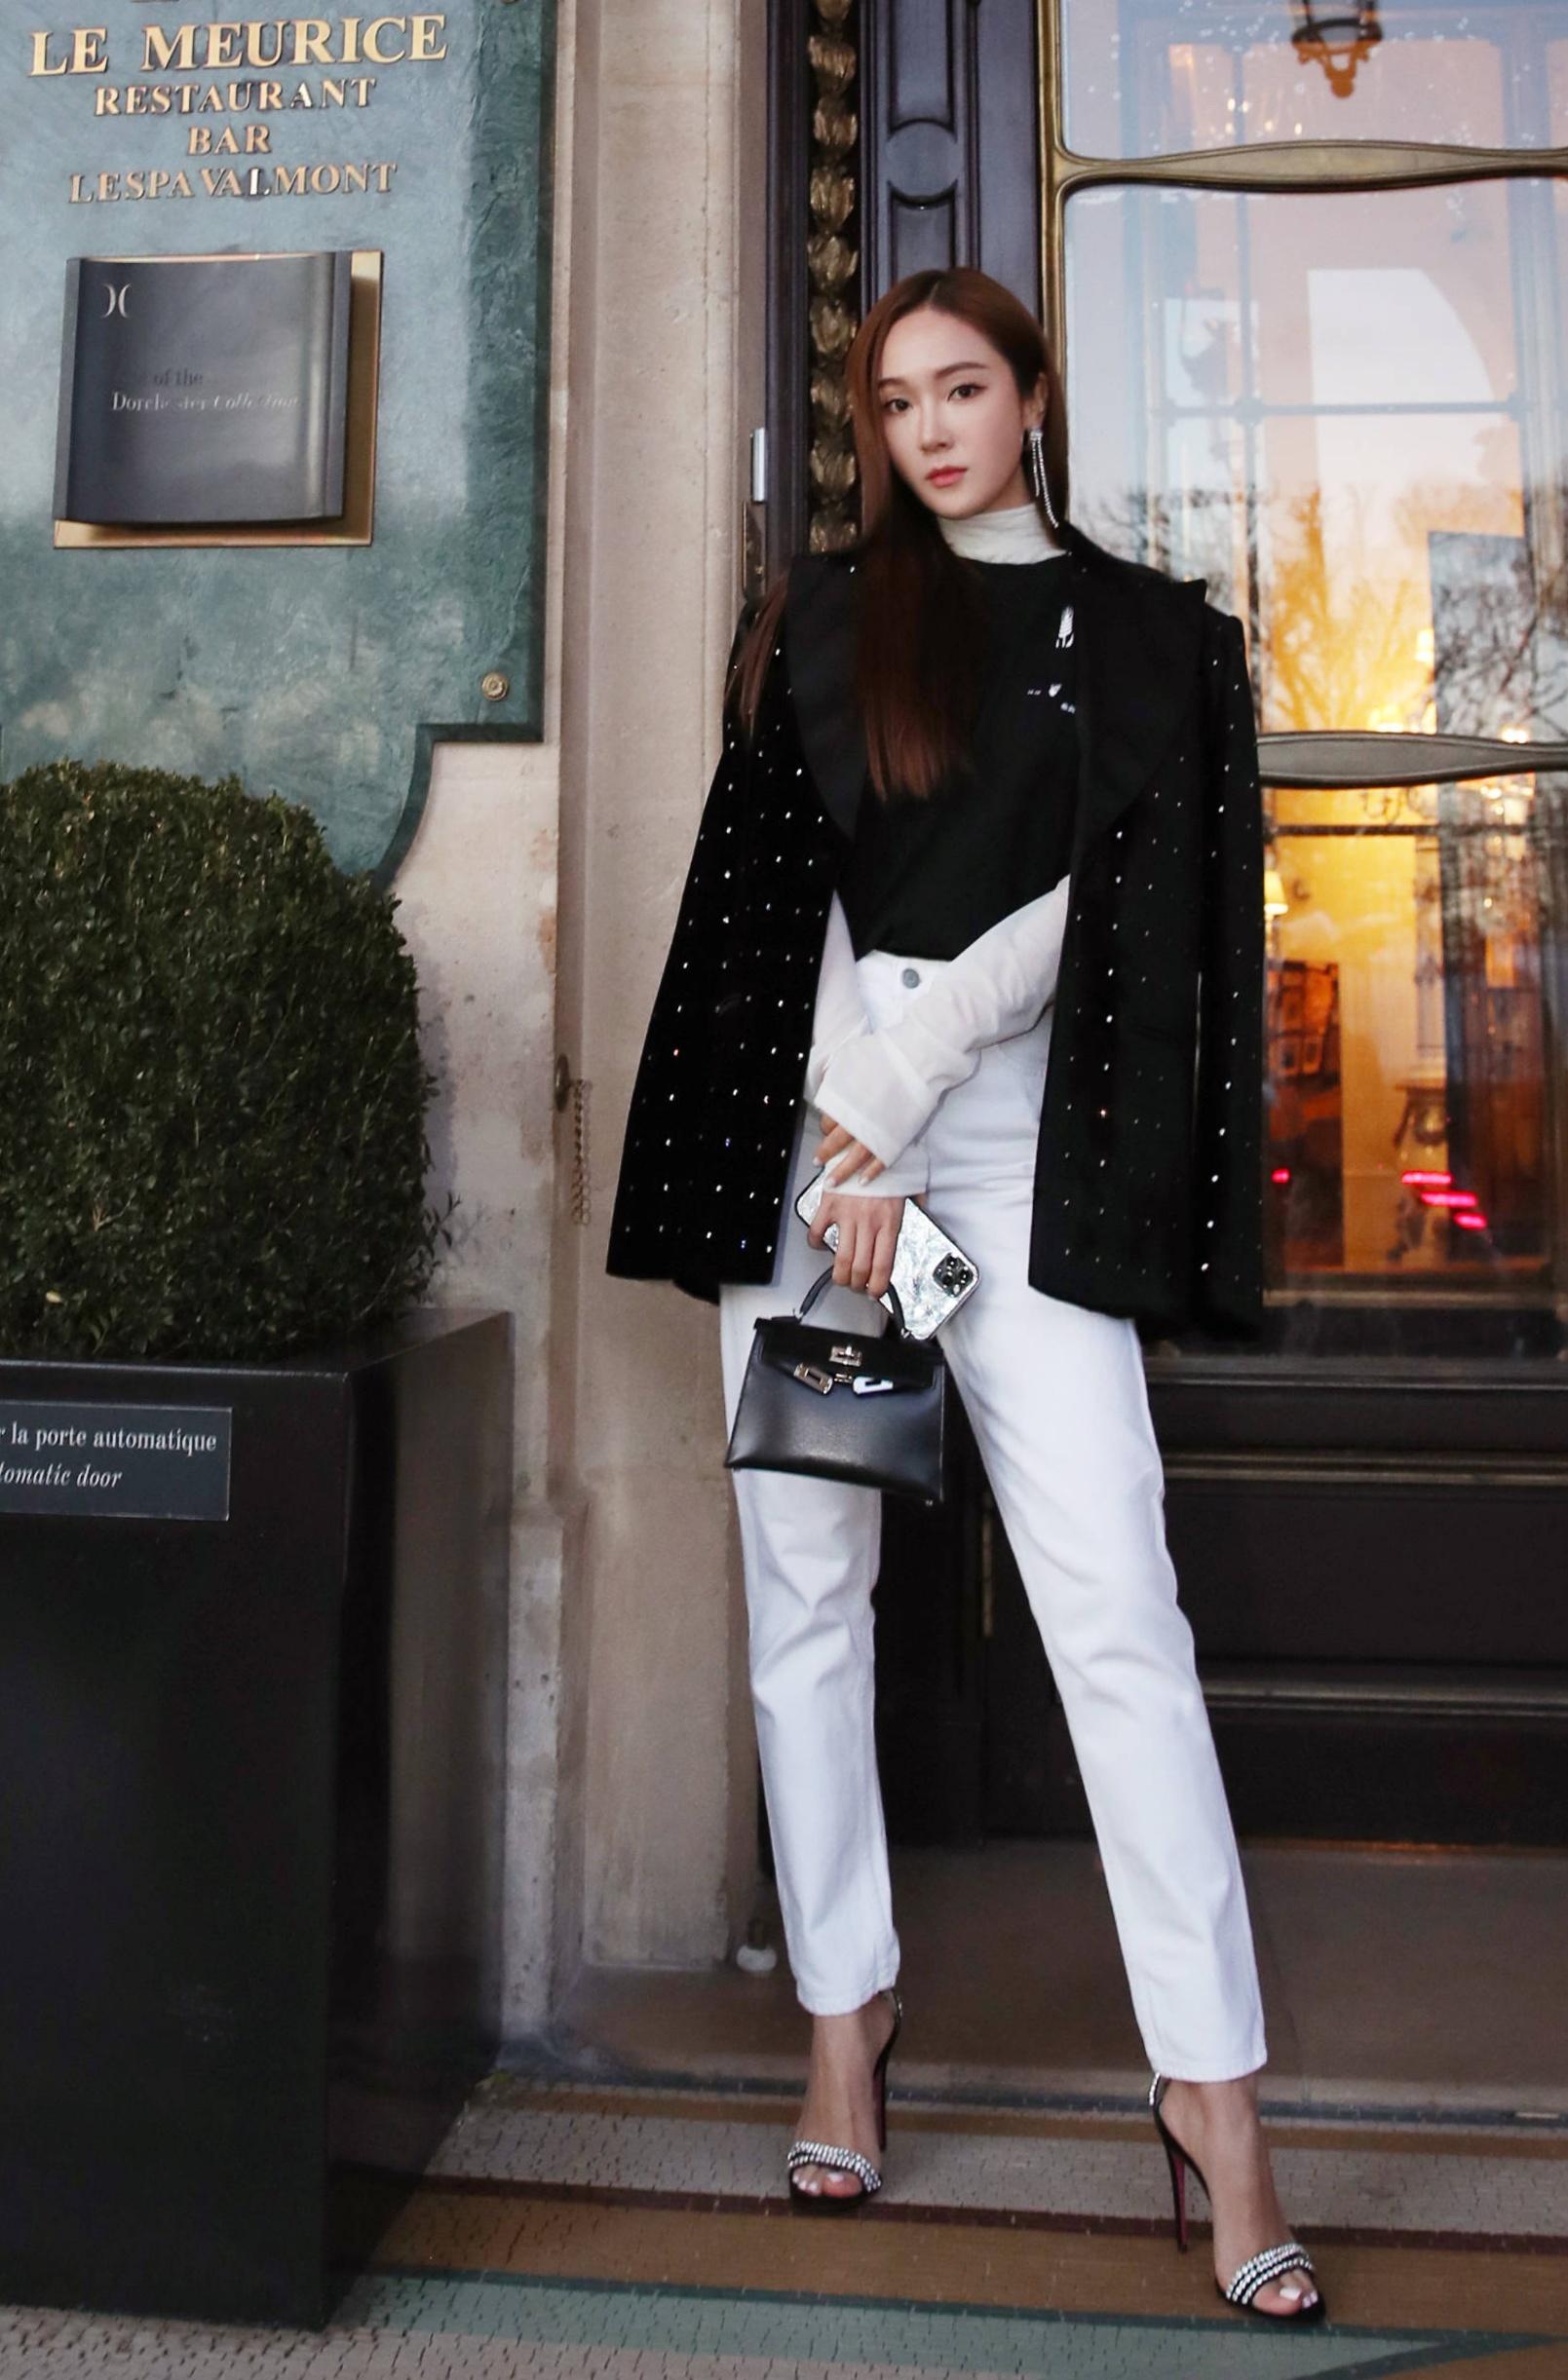 Cô khoe dáng trước khách sạn ở Paris, Pháp với quần trắng, áo nỉ chui đầu Off White, áo khoác cách điệu Madga Butrym, sandals hiệu Gucci. Dòng túi Kelly mini đen cỡ 20 cm, giá 20.150 USD. Nhờ vẻ ngoài lạnh lùng và thân hình chuẩn, cô trở thành một trong những thần tượng đắt show  thời trang, chụp hình tạp chí nhất Hàn Quốc.